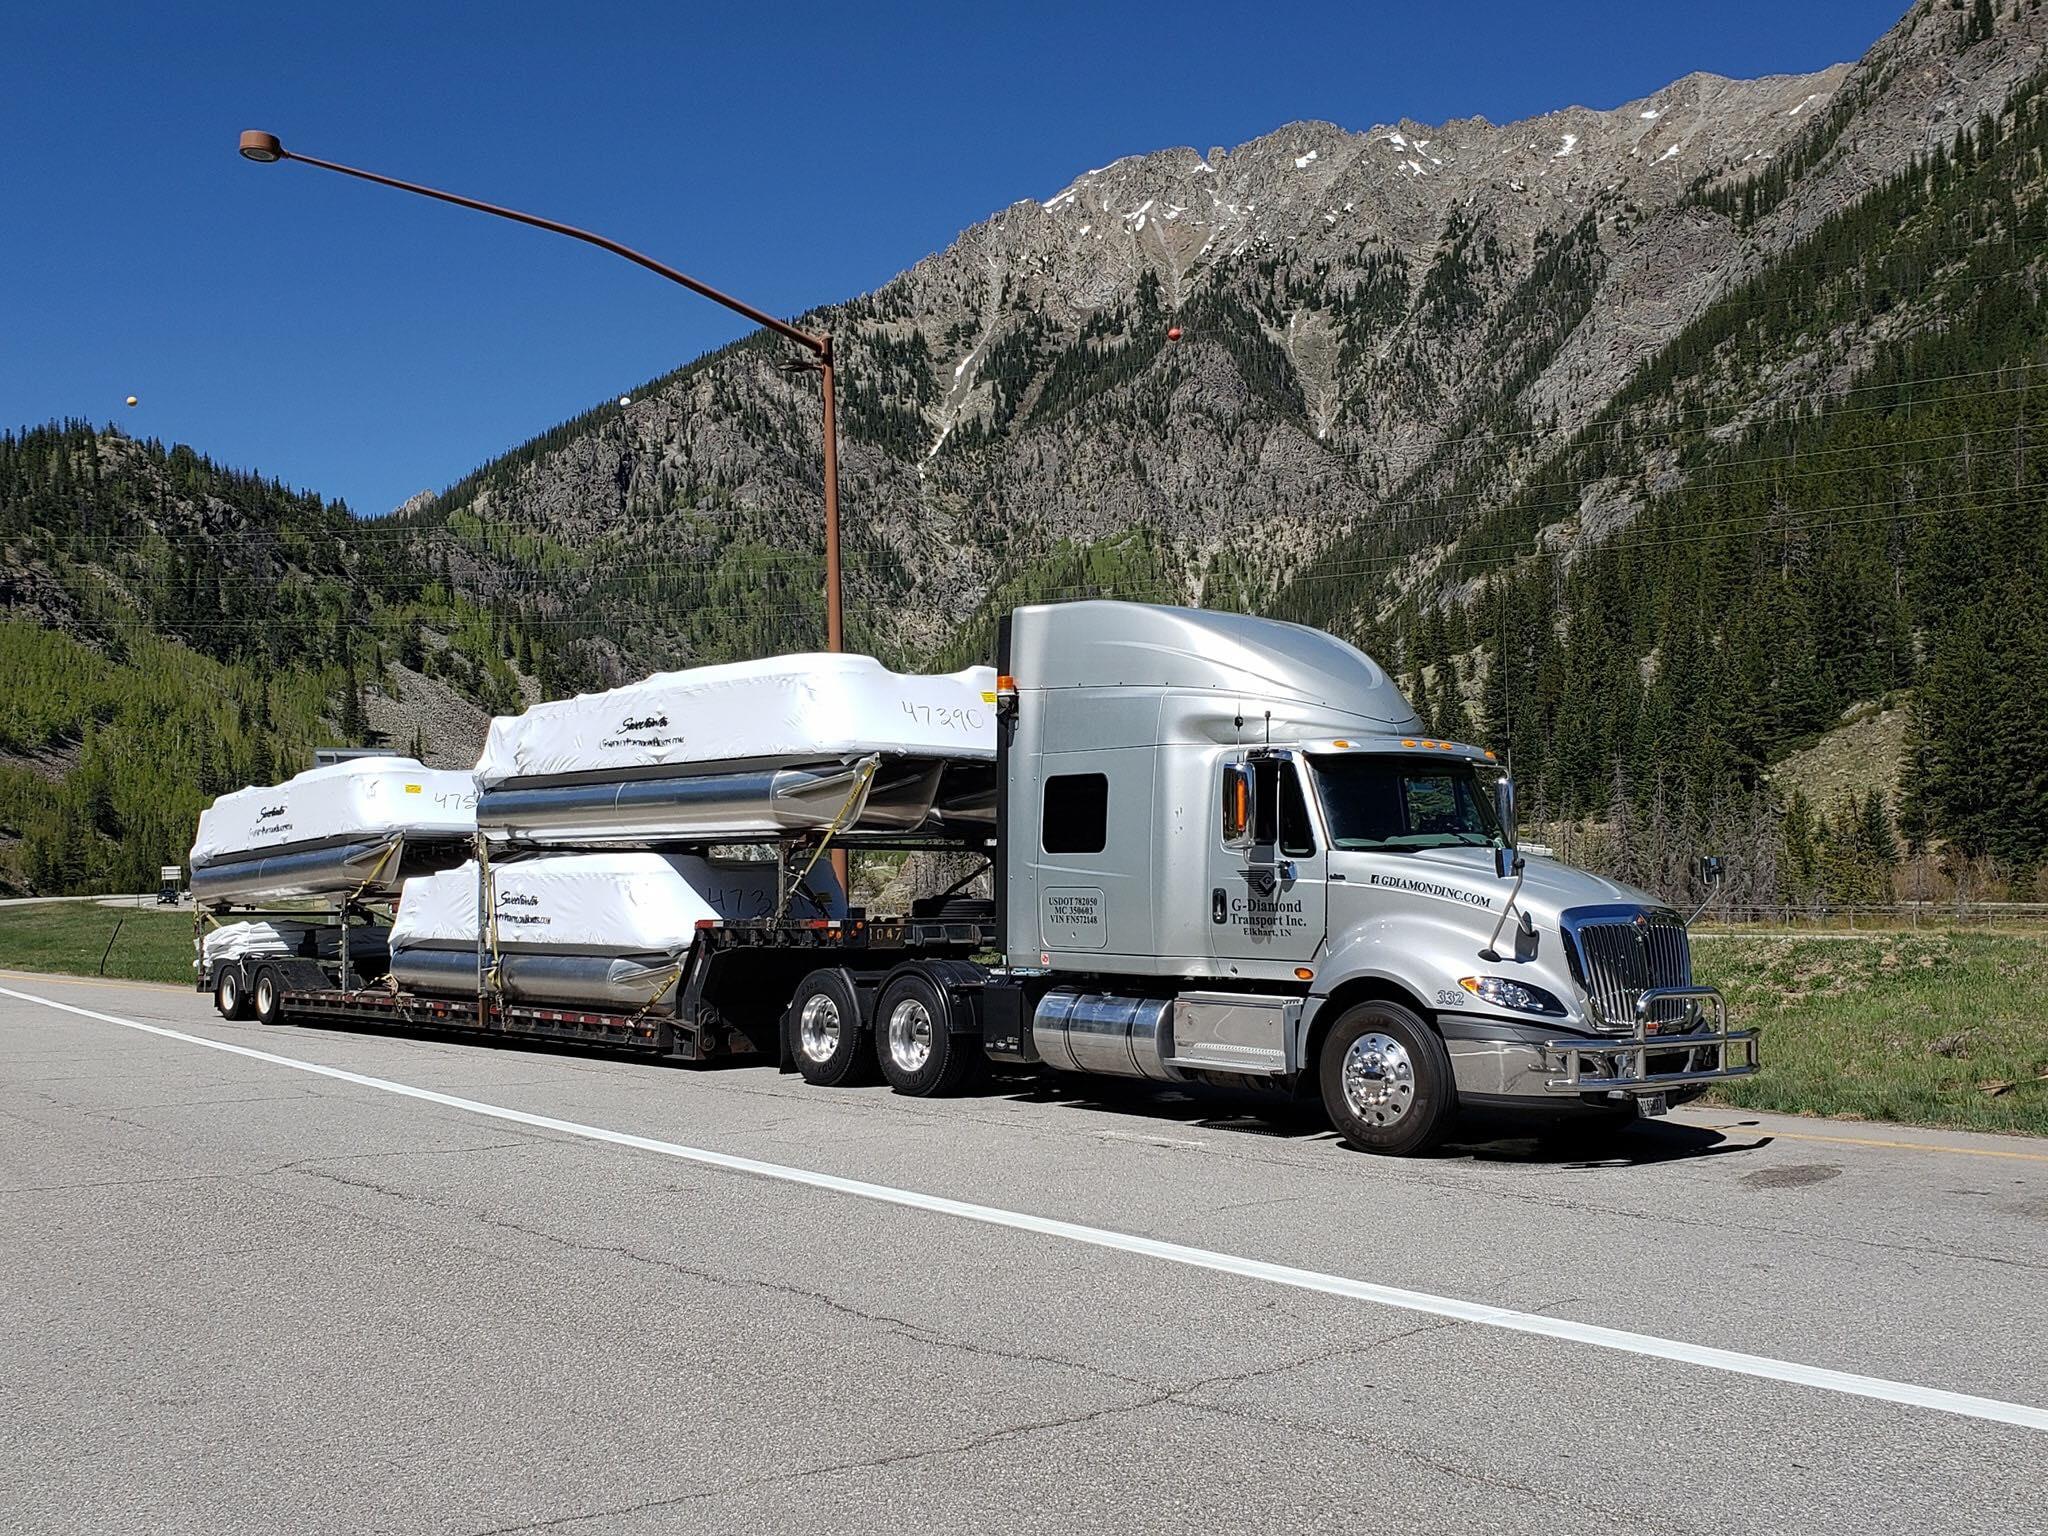 semi hauling boats